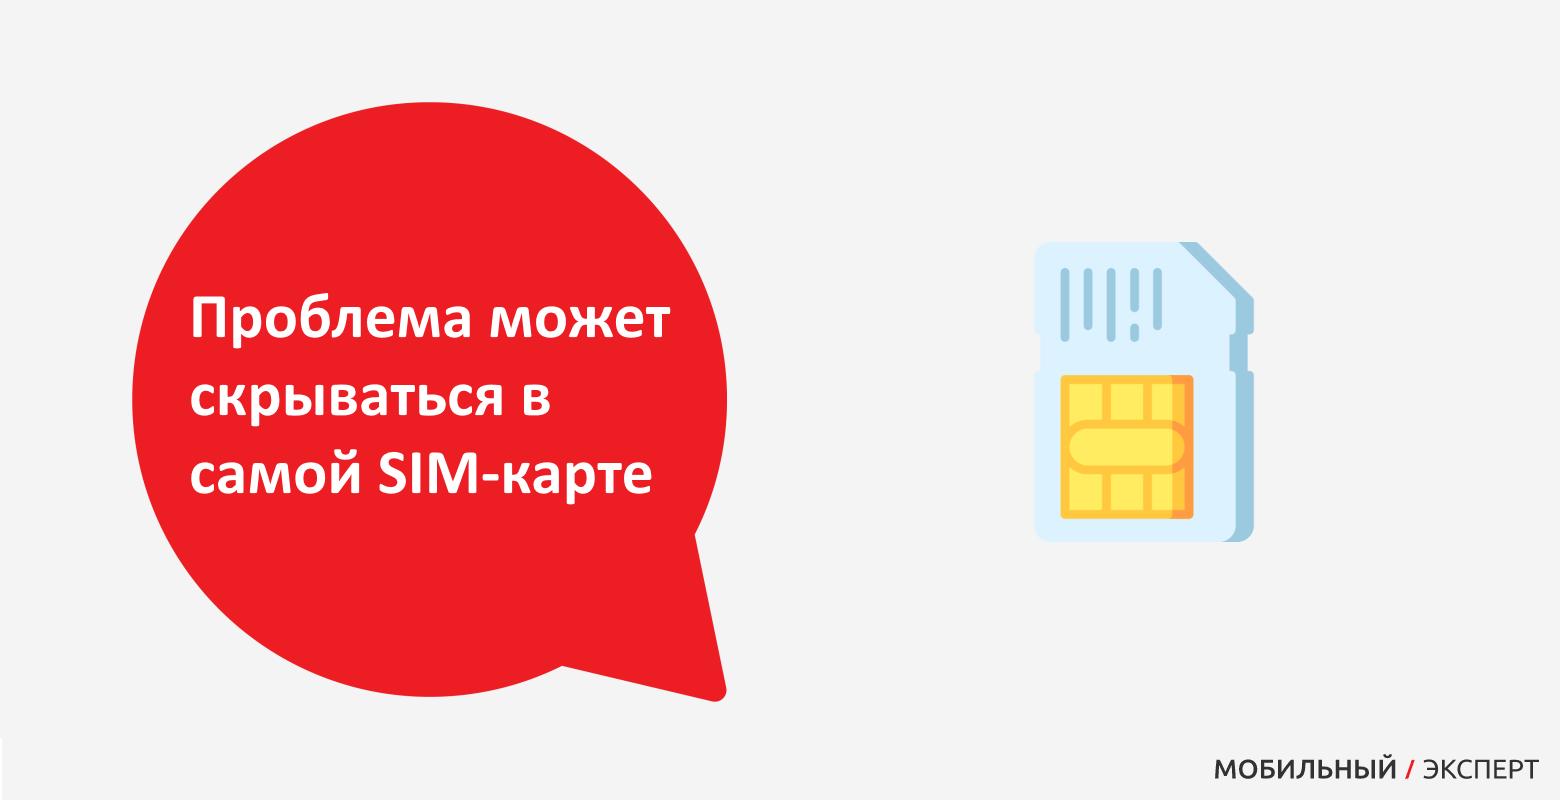 Проблема может скрываться в самой SIM-карте